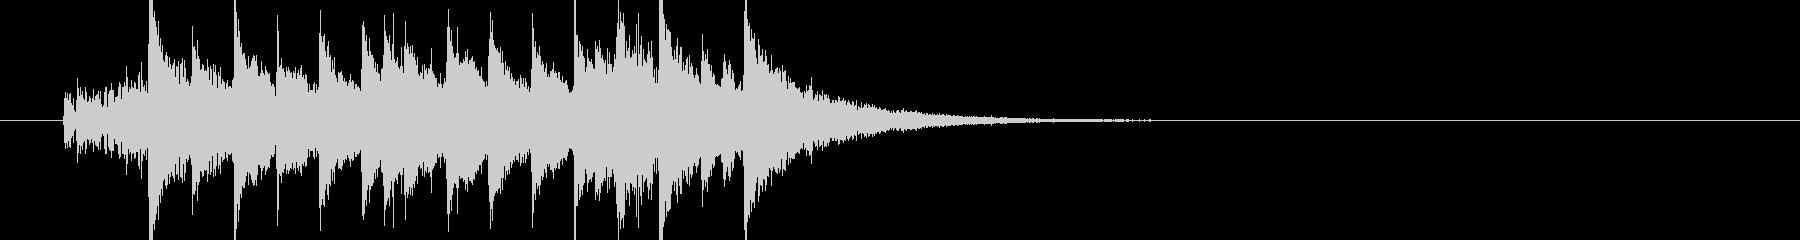 キラキラポップなマーチ風ジングル(S)の未再生の波形